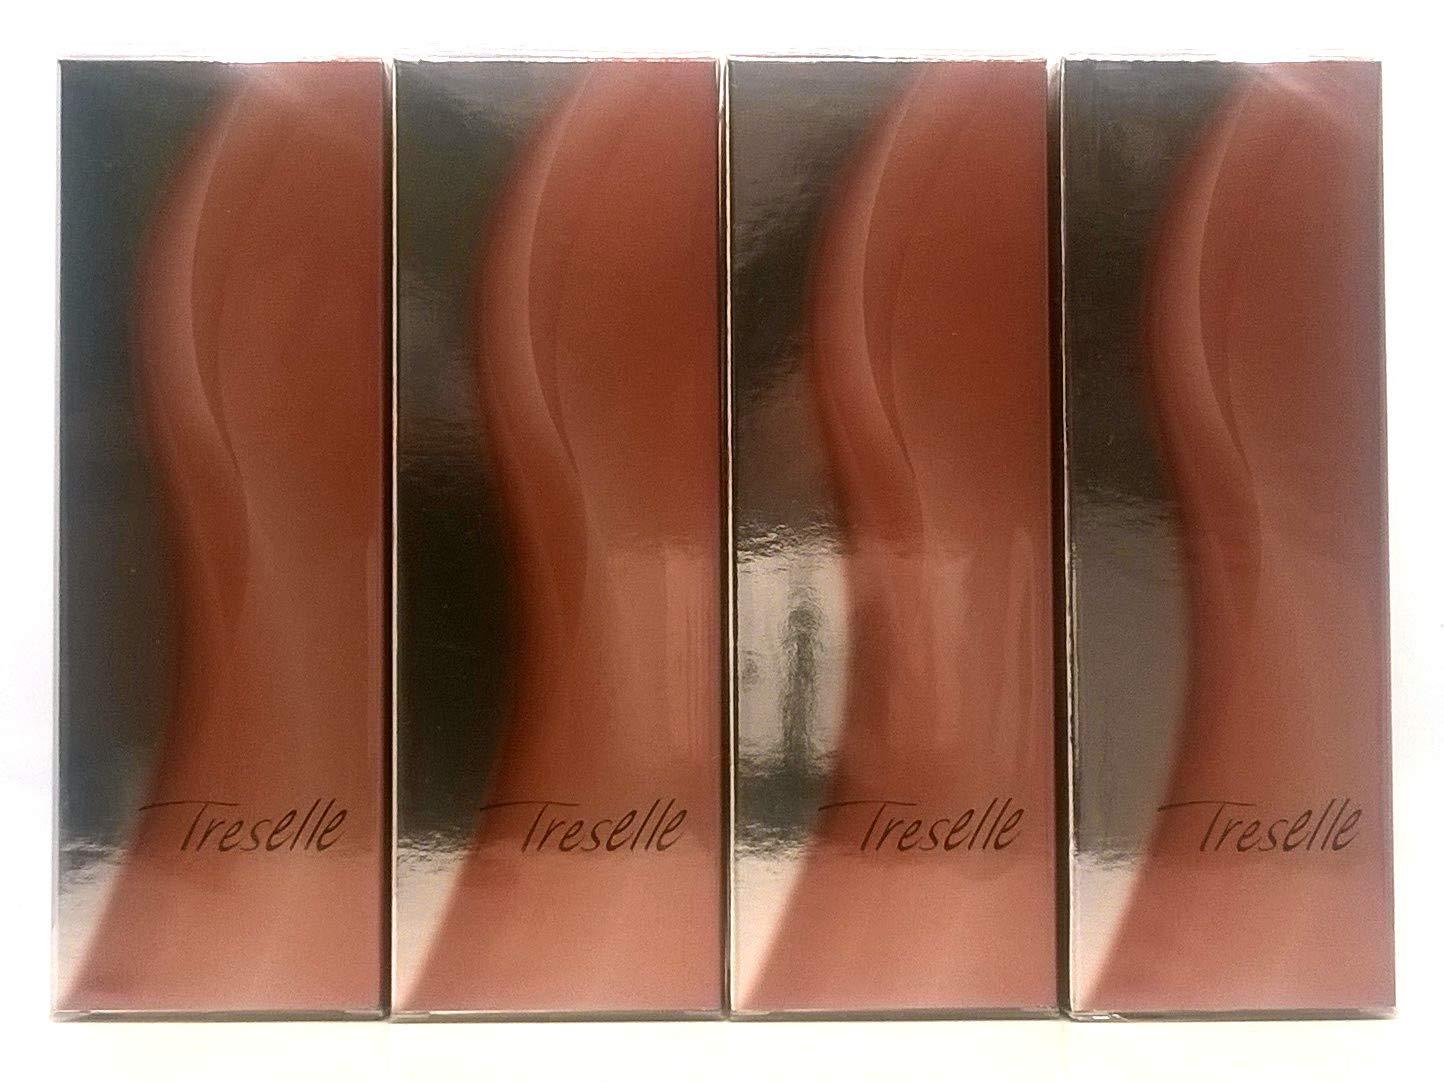 4 x AVON Treselle Eau de Parfum 50ml - 1.7fl.oz. SET !